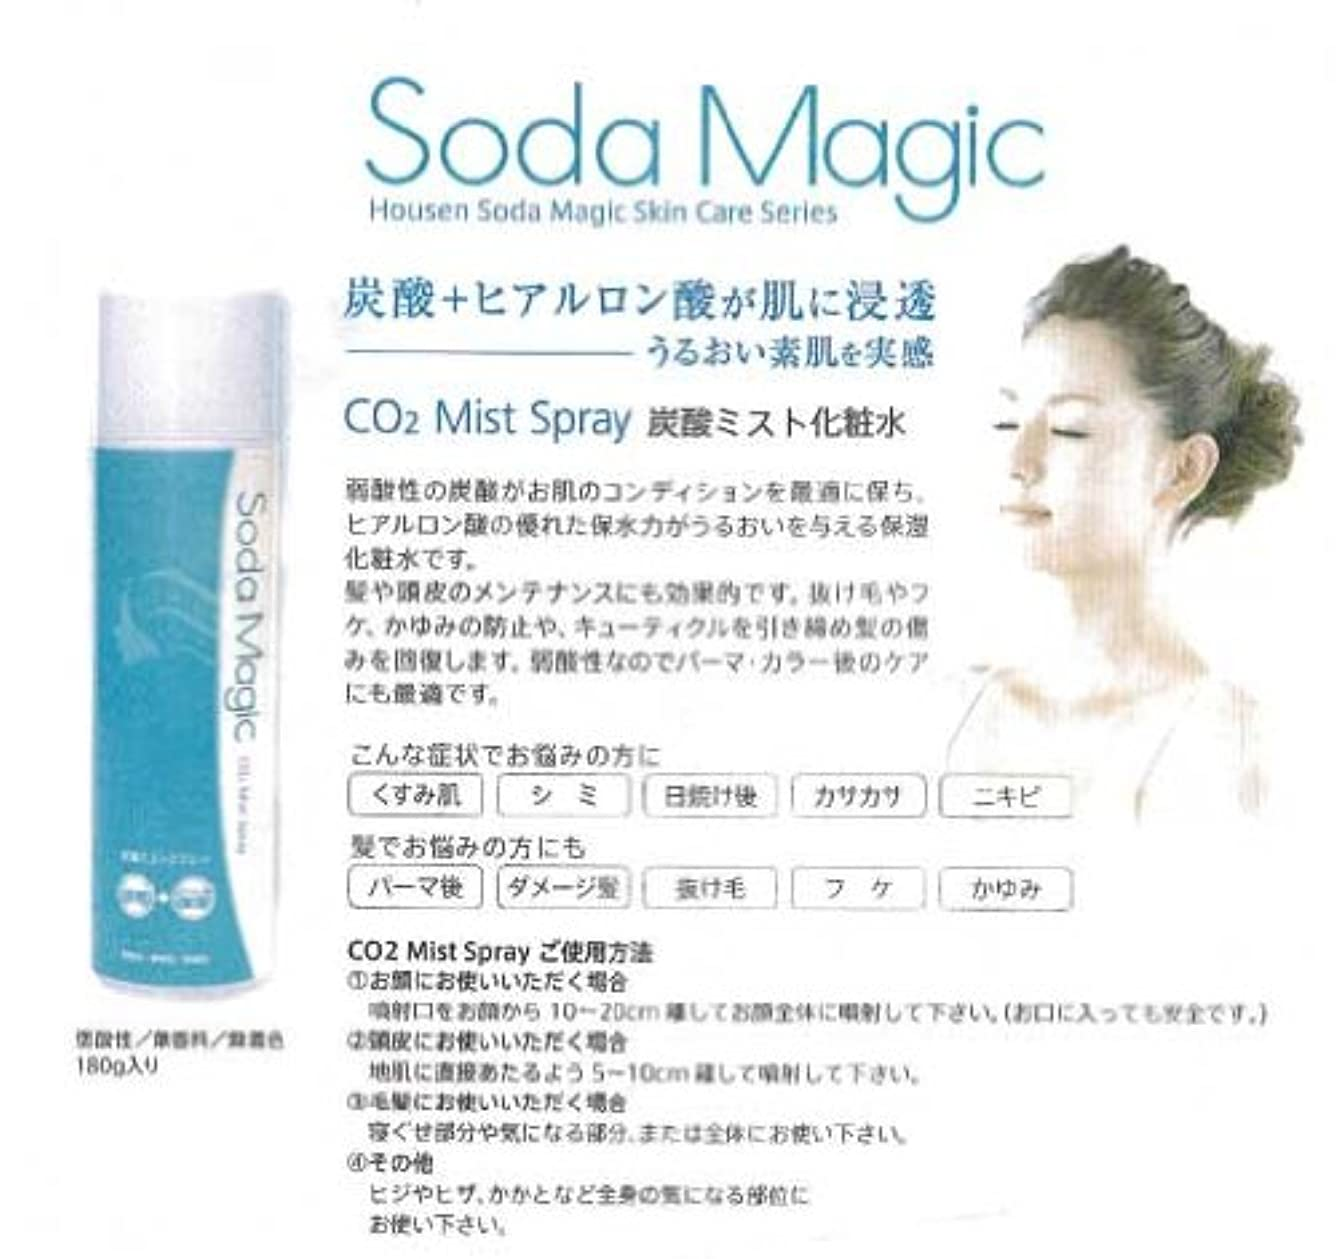 バレルサスペンション王朝Soda Magic 炭酸ミストスプレー(180g)